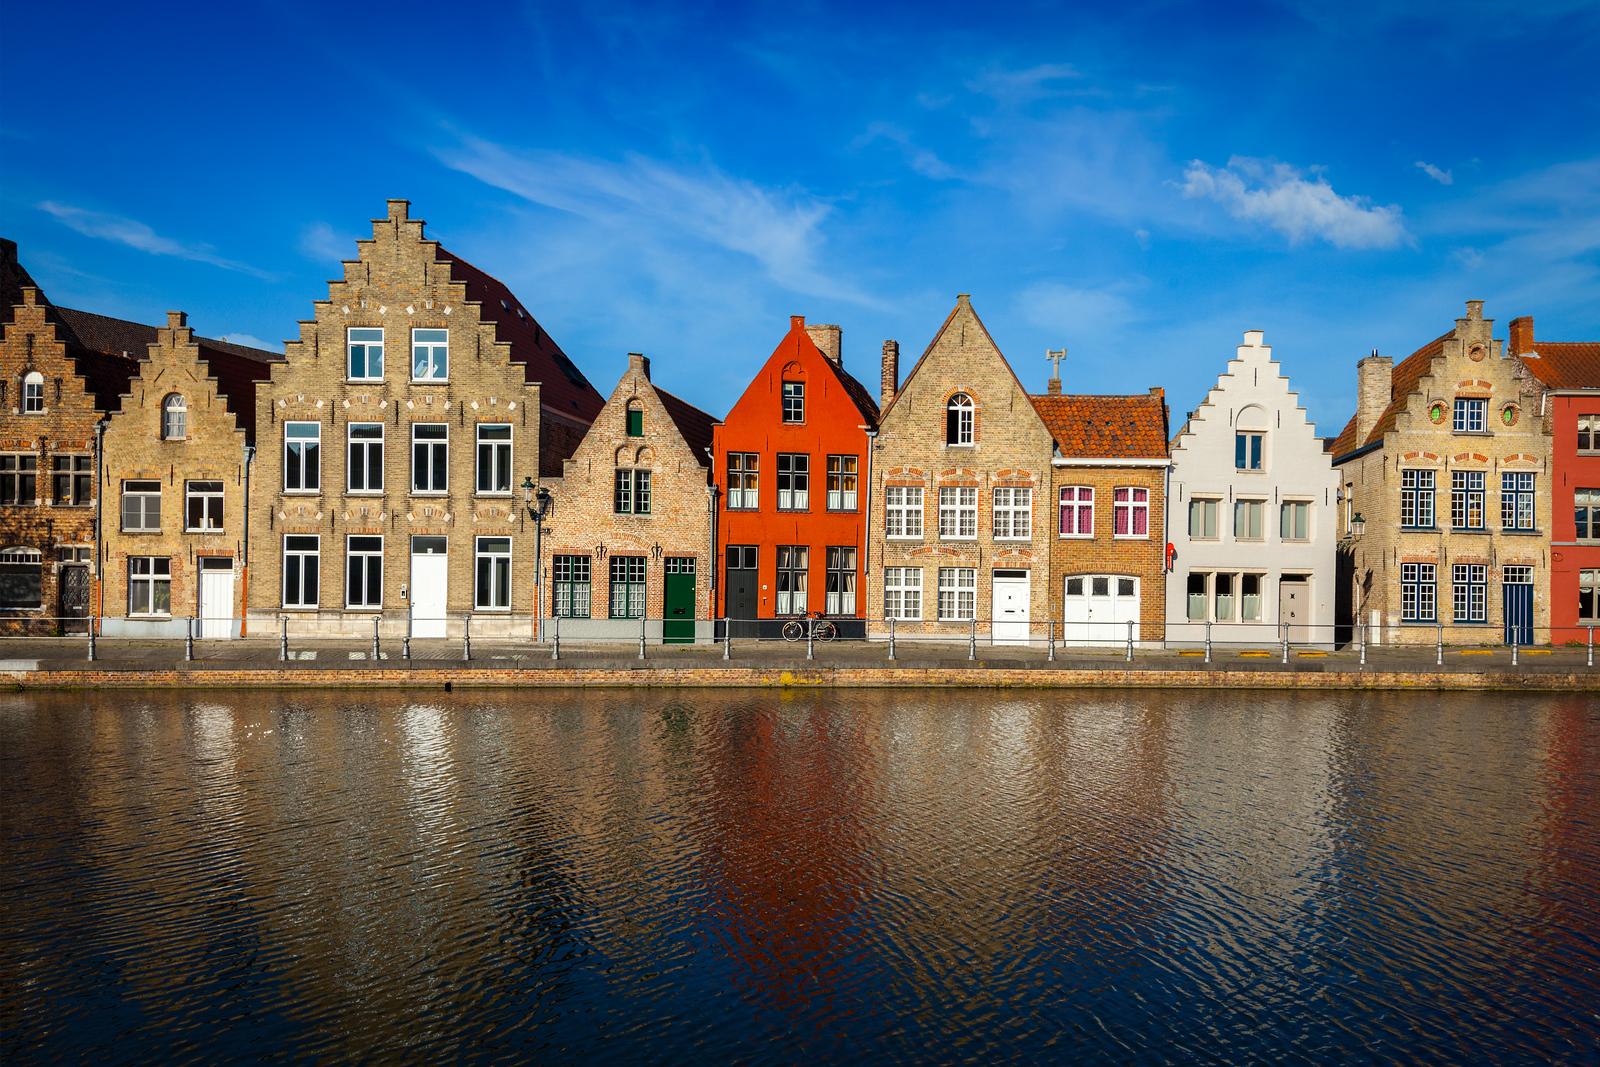 European town. Bruges (Brugge), Belgium